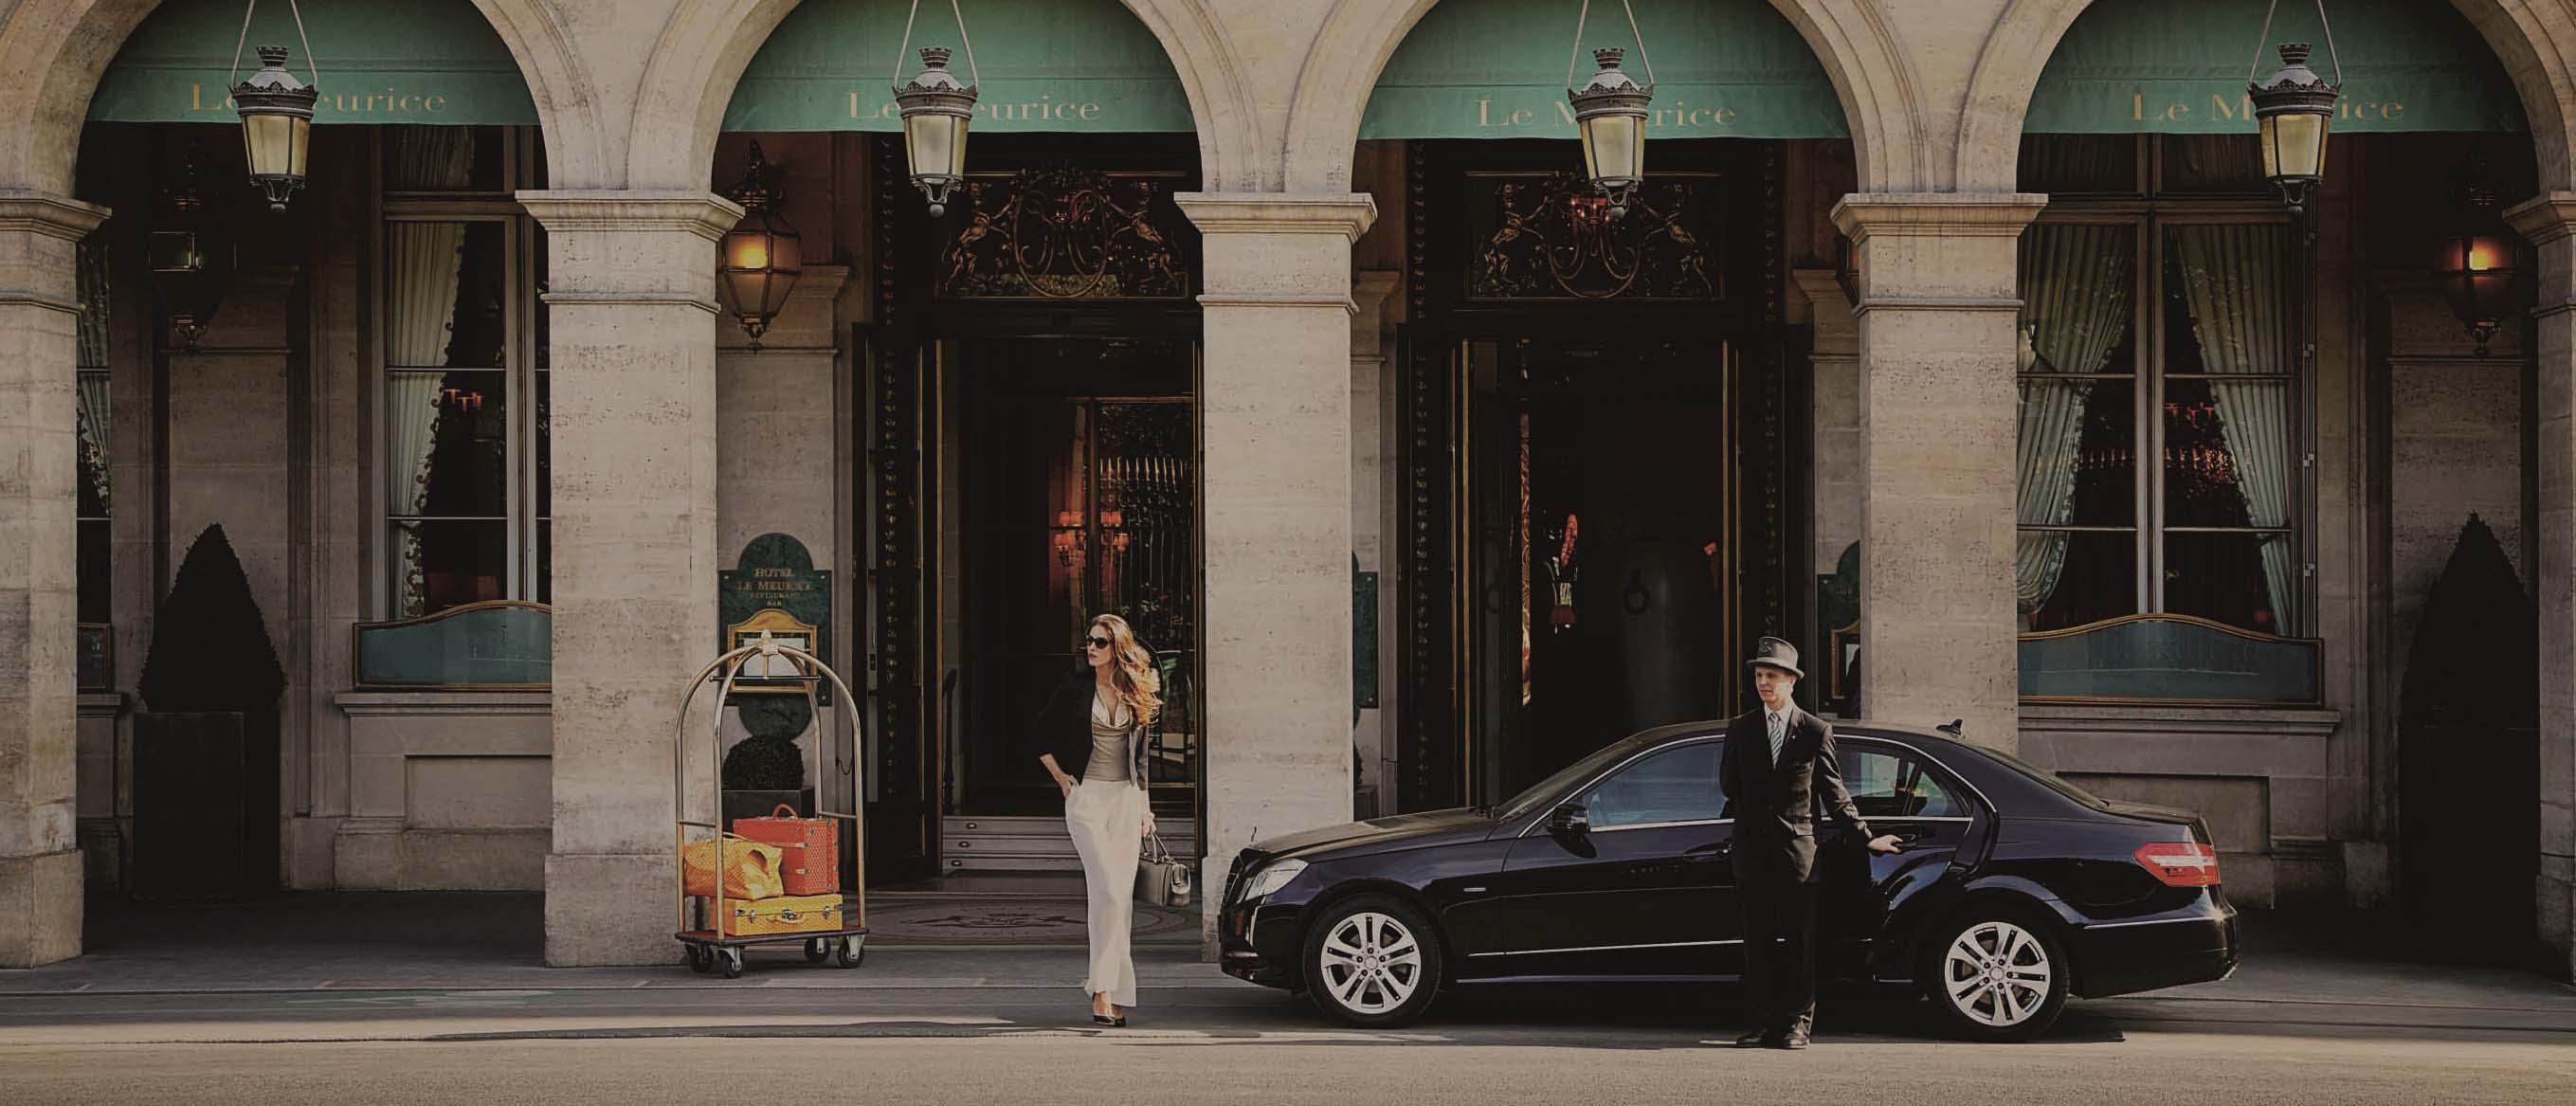 هتل پاتوق آدم های مشهور ؛ ۵ هتل در دنیا که باید بشناسید